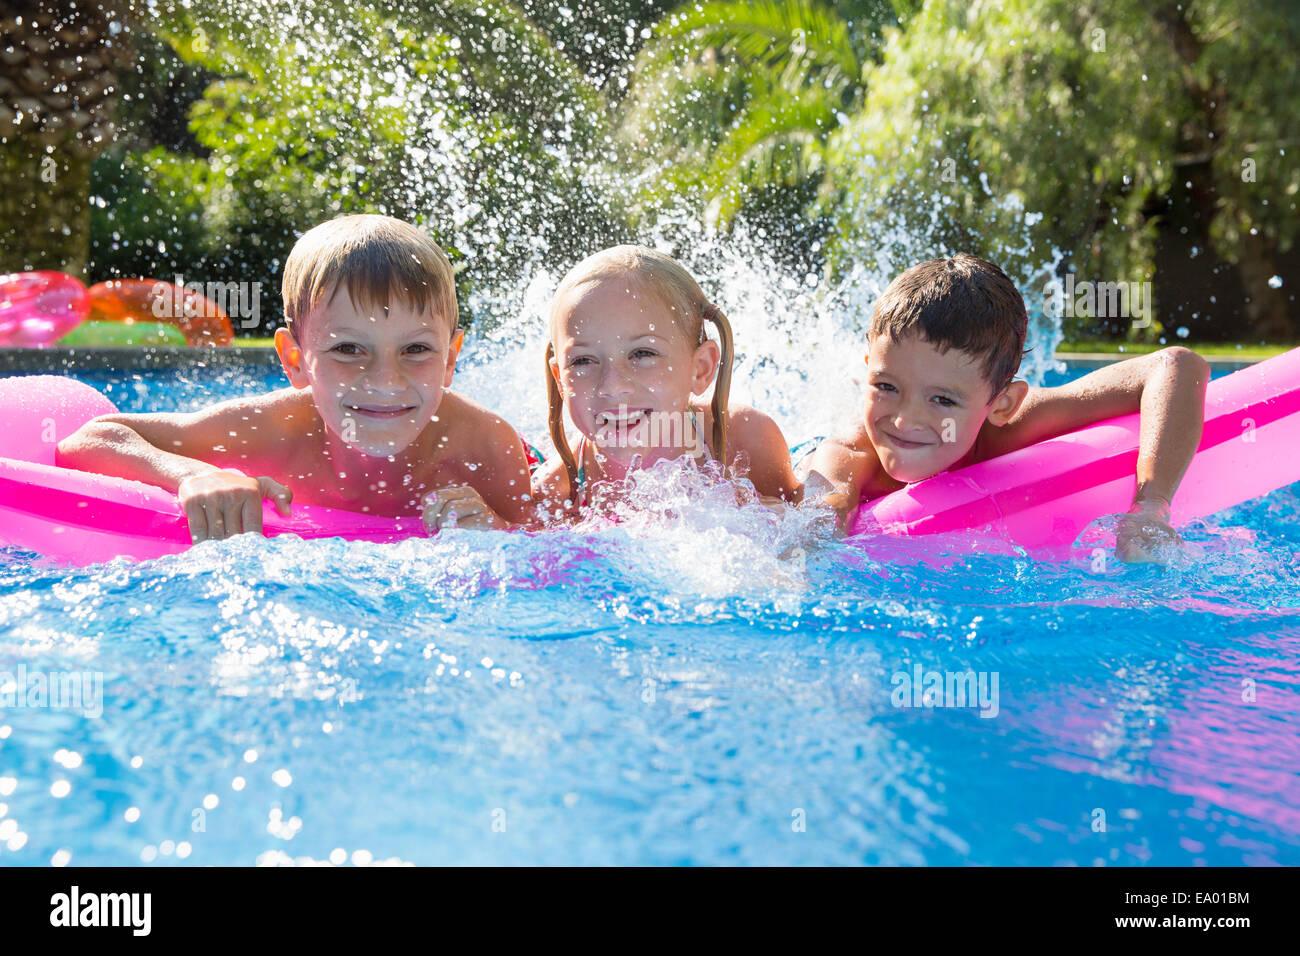 Portrait de trois enfants des éclaboussures sur matelas gonflable dans jardin piscine Photo Stock